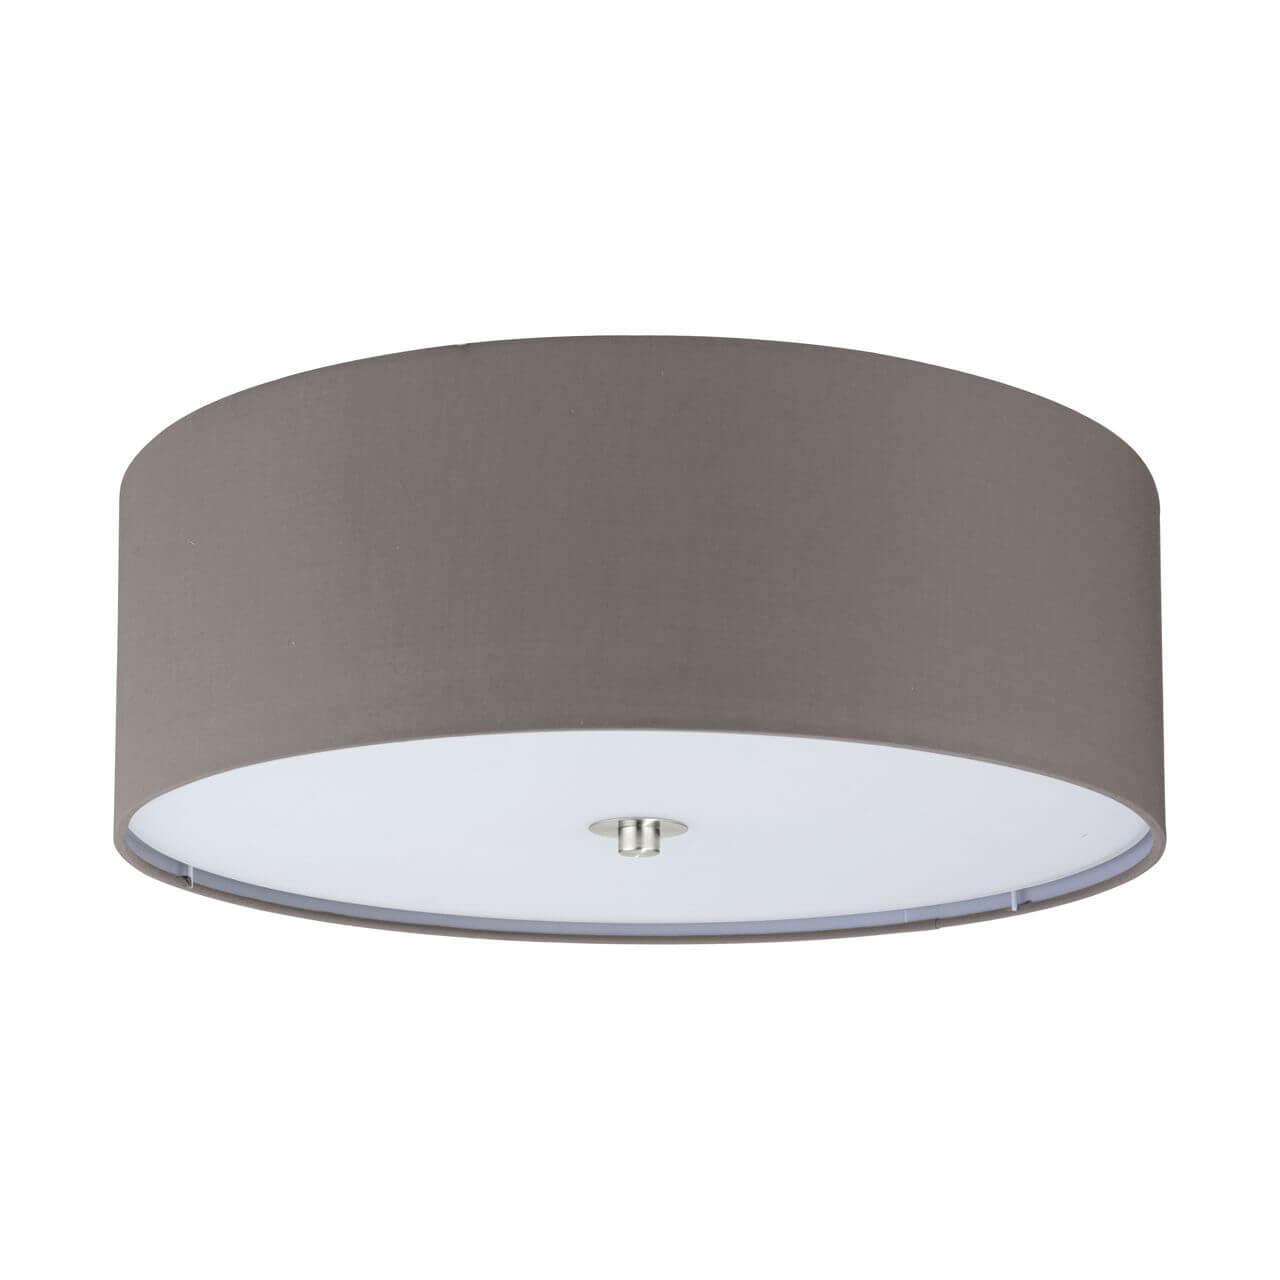 Настенно-потолочный светильник Eglo 94922, E27, 60 Вт потолочный светильник eglo pasteri 94919